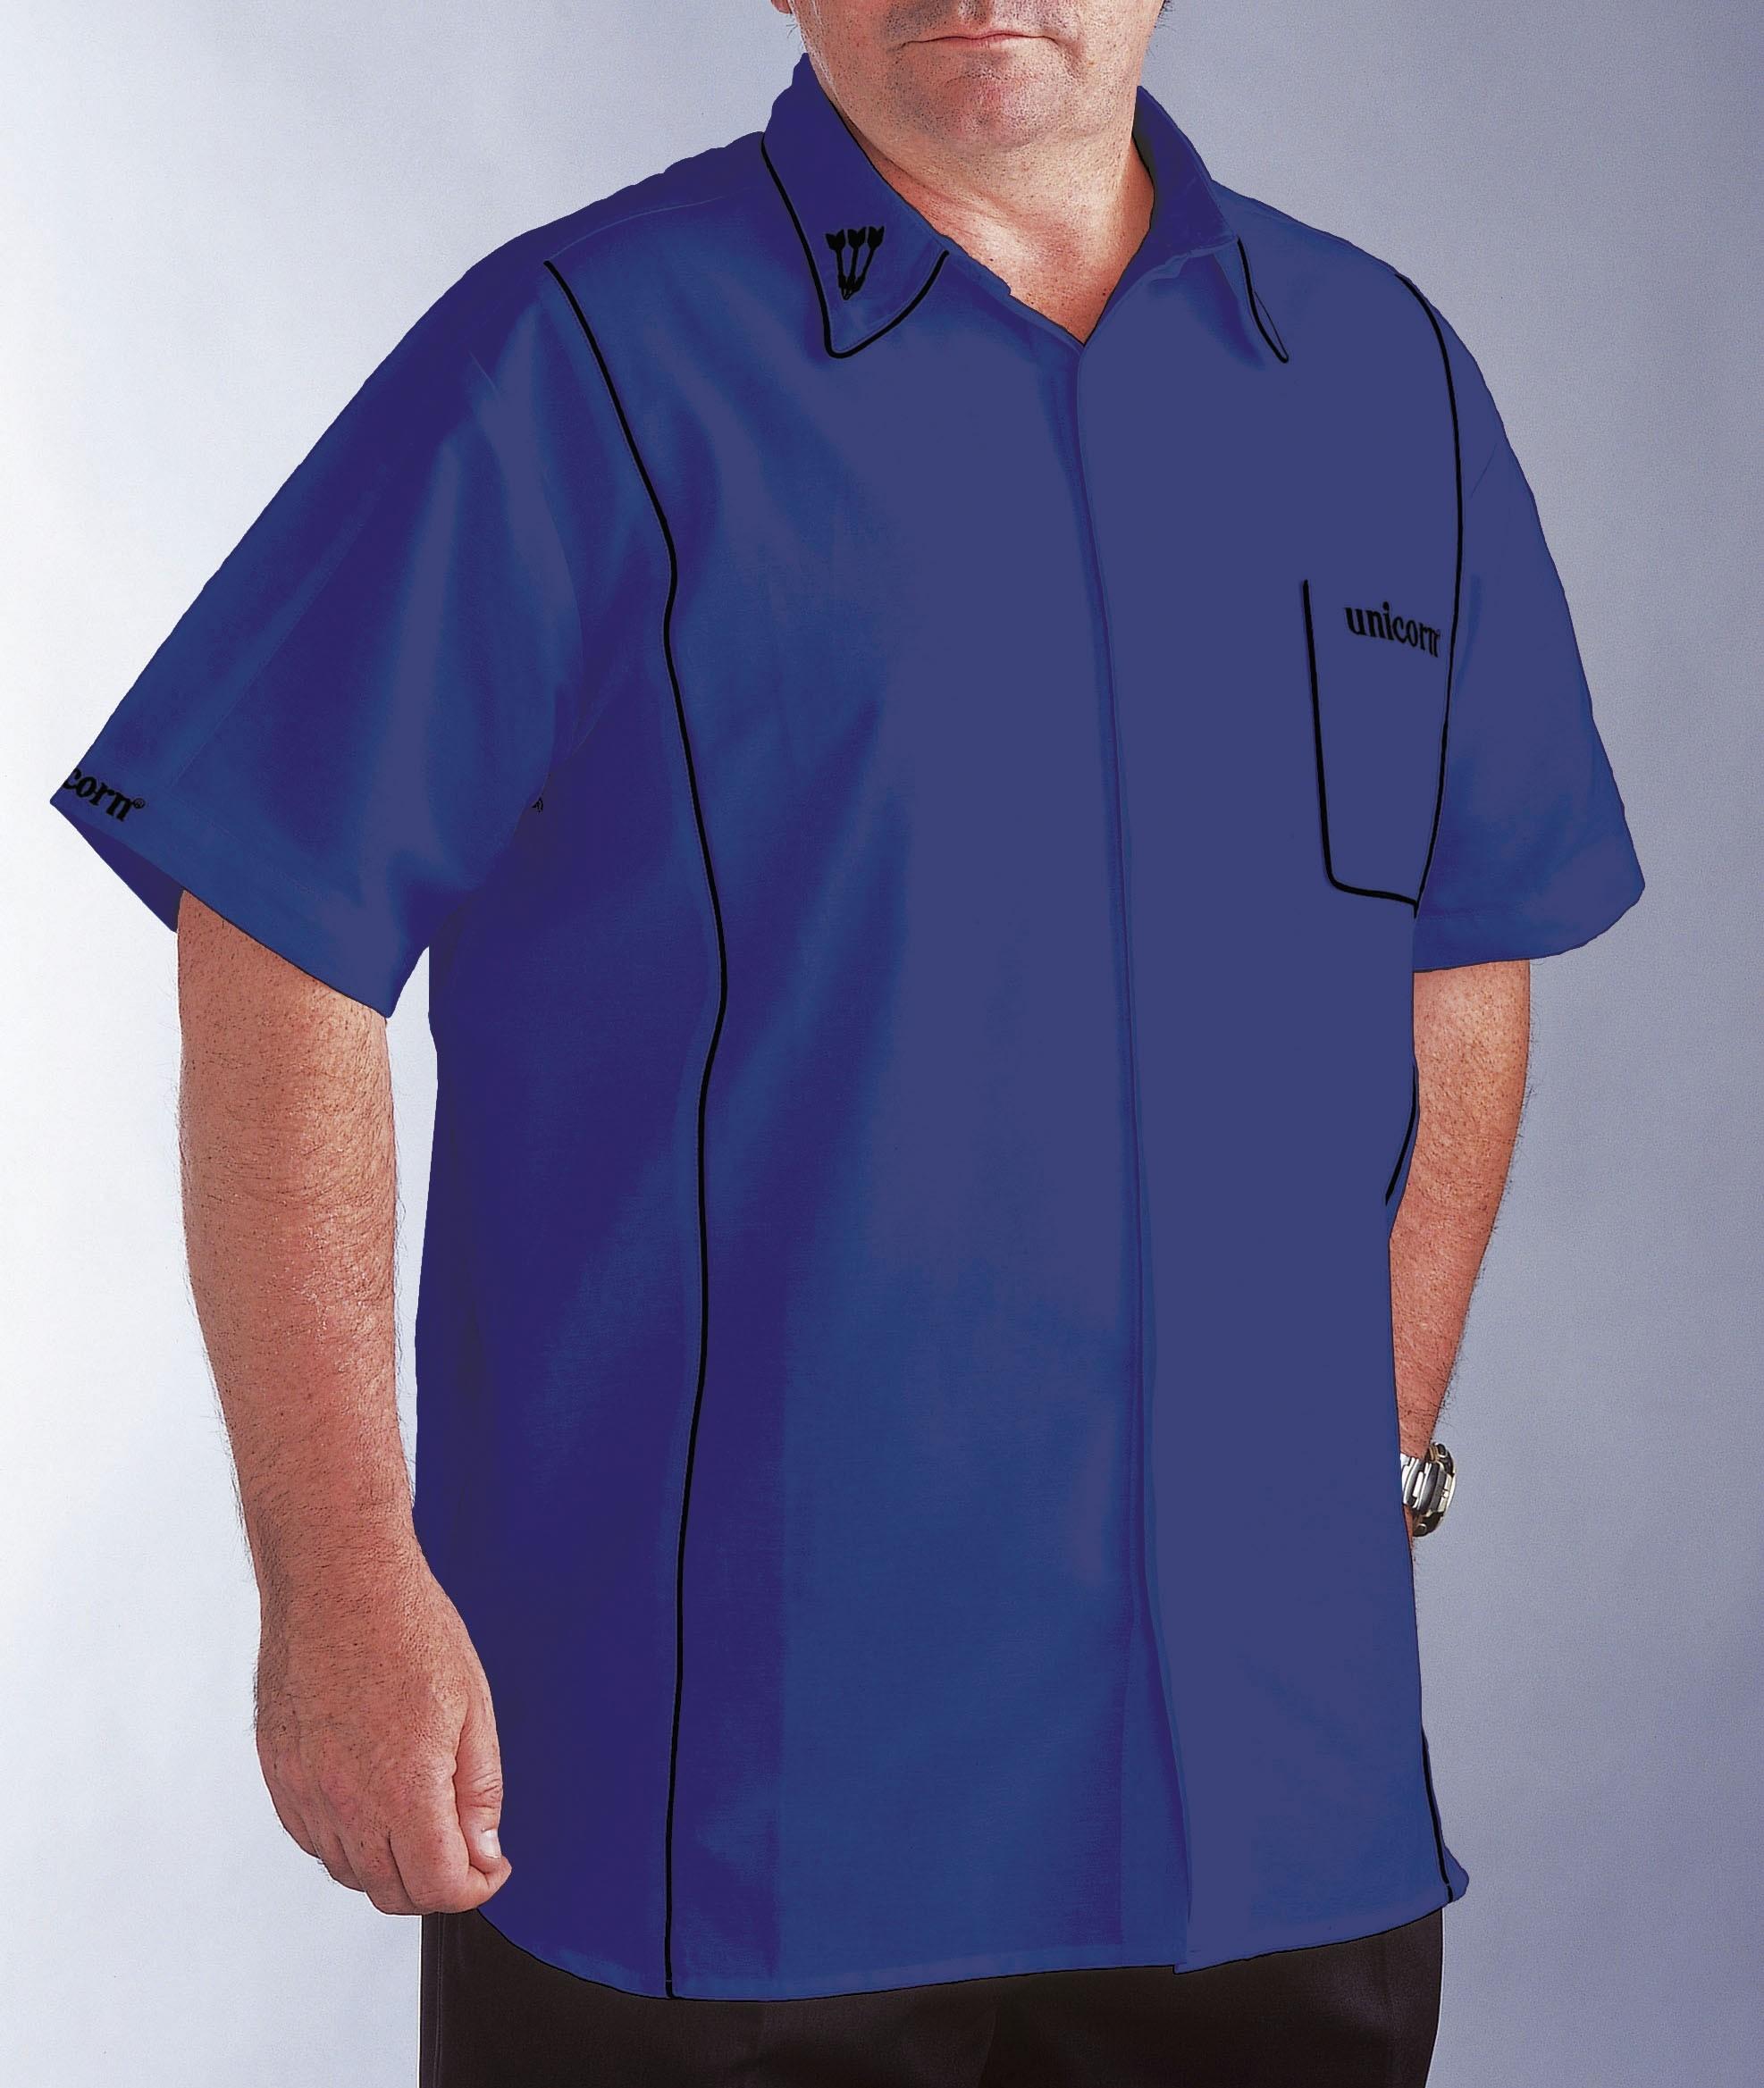 Teknik Mens Dart Shirt Blue/Black - SAVE £24!